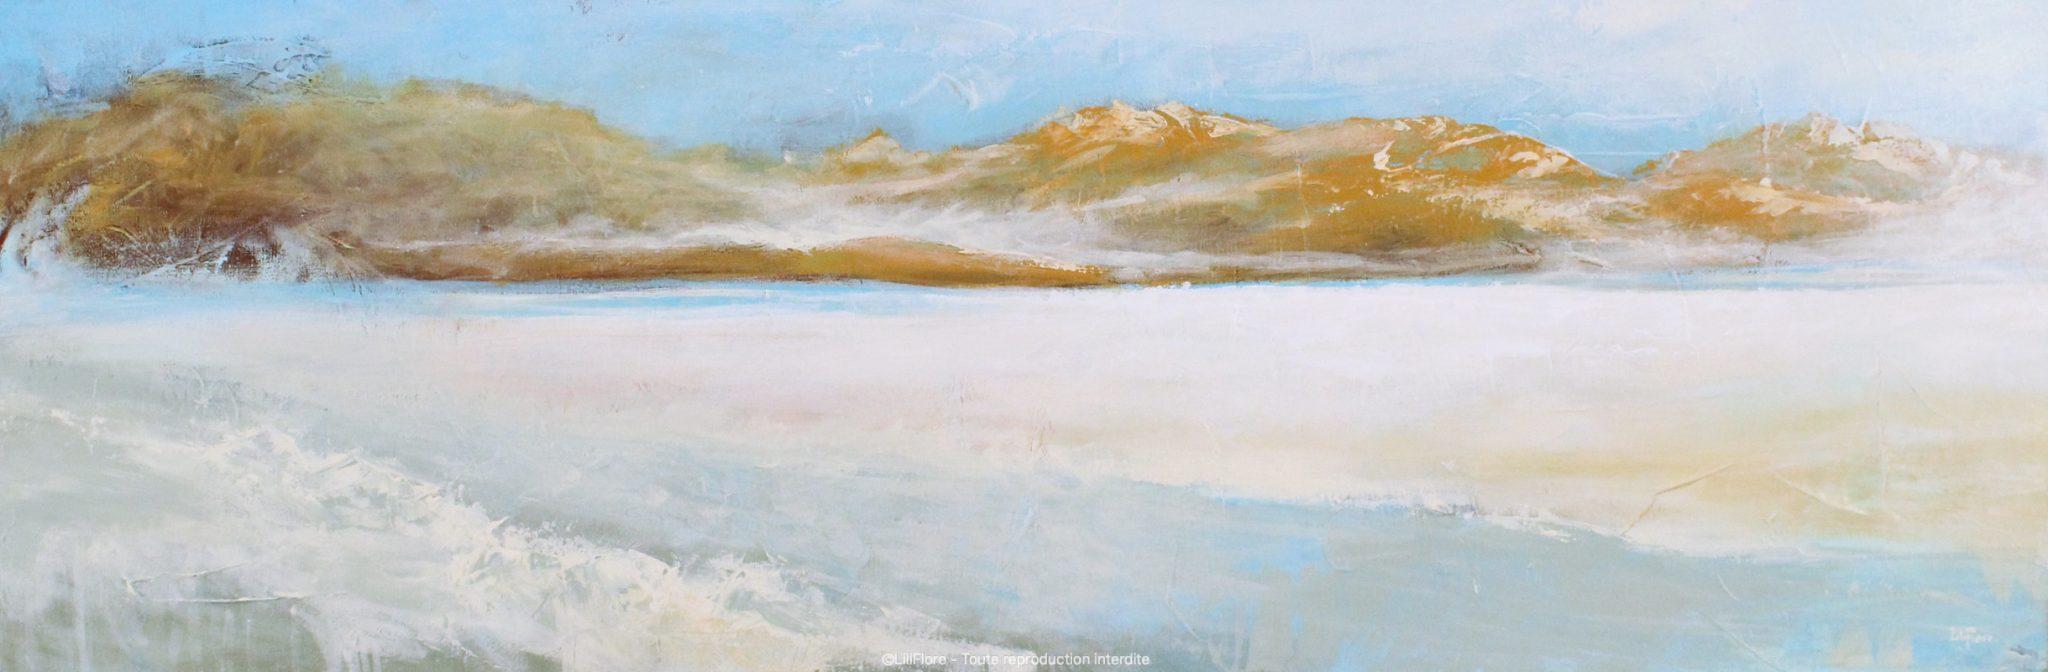 Le désert de sel - Acrylique sur toile -16x48pouces - disponible - LiliFlore - peinture acrylique contemporaine